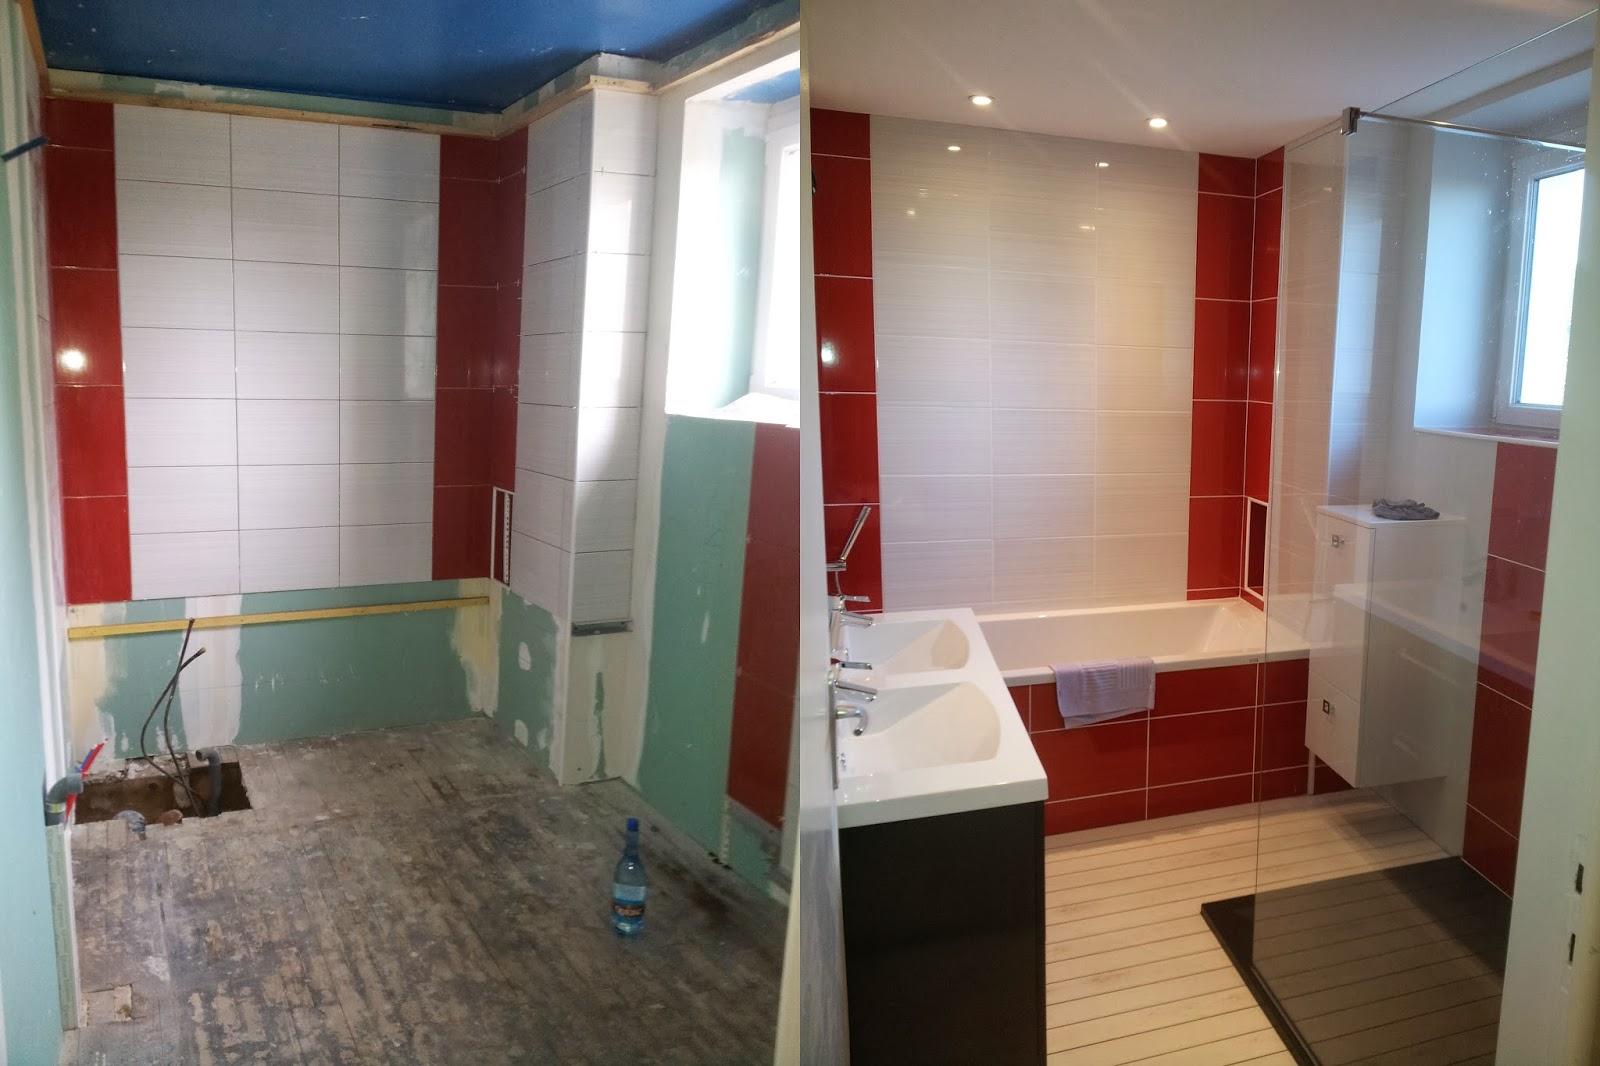 Deco Salle De Bain Avant Apres michel le coz agencement & décoration: avant/après: salle de